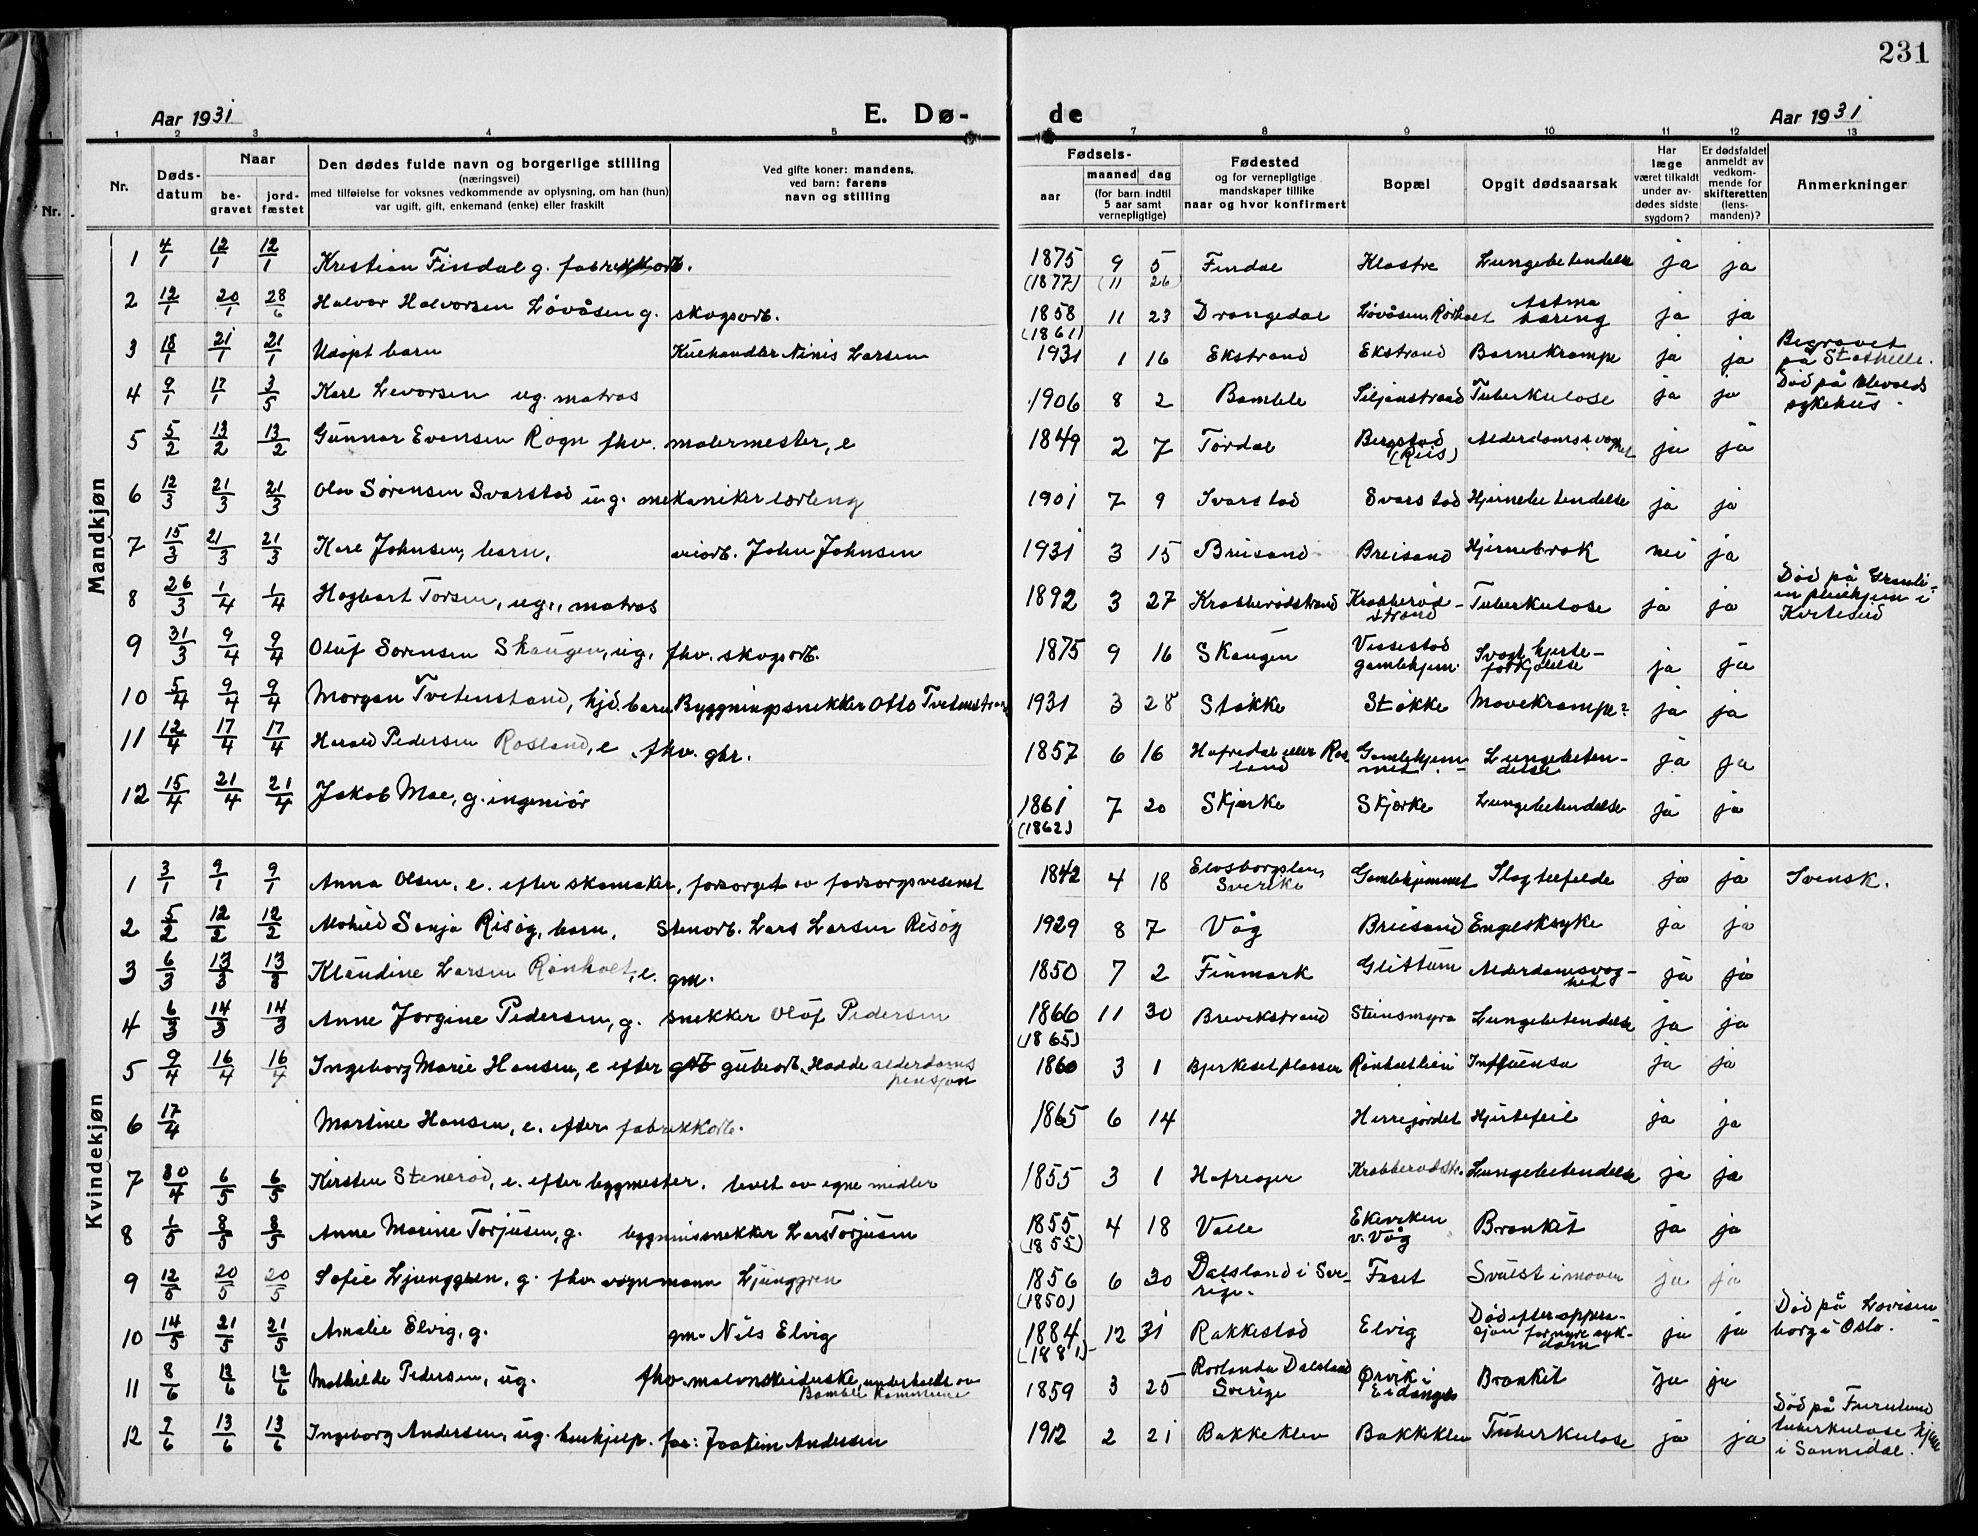 SAKO, Bamble kirkebøker, G/Ga/L0011: Klokkerbok nr. I 11, 1920-1935, s. 231